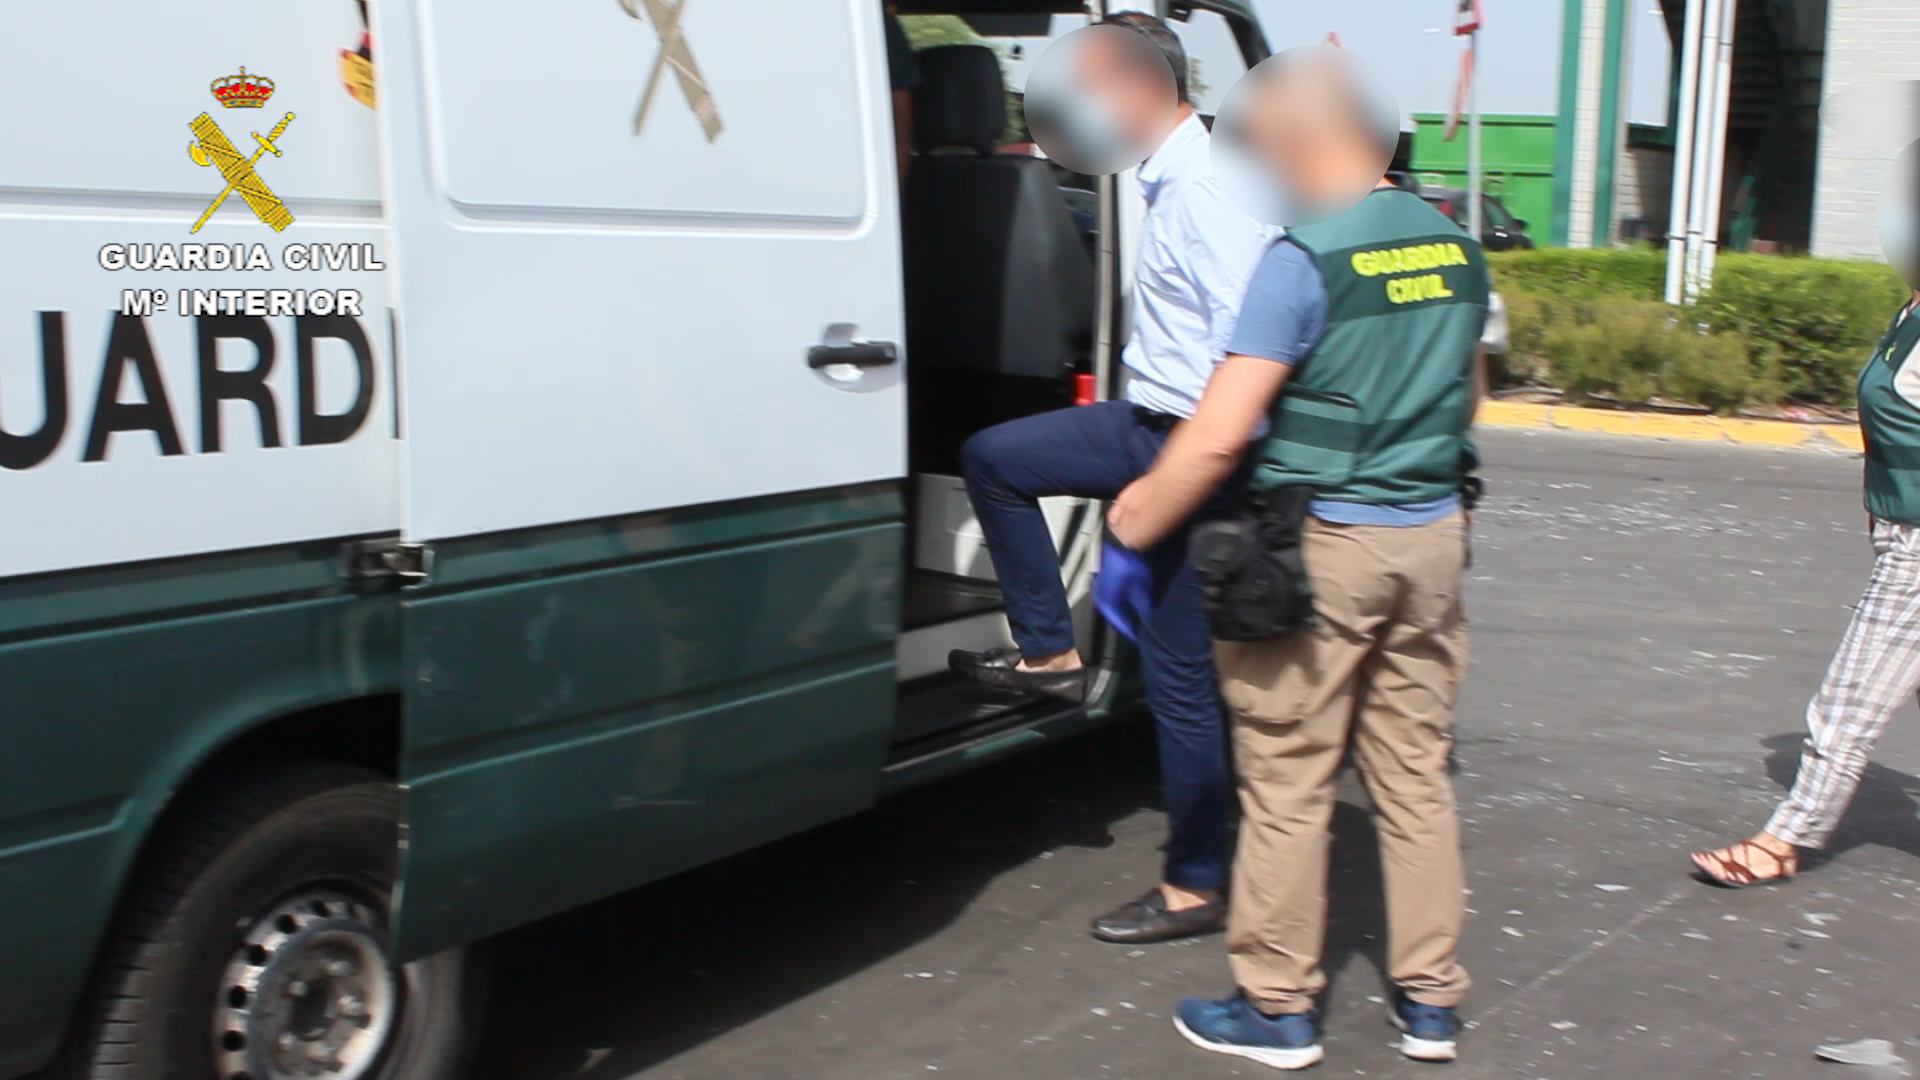 Uno de los detenidos es trasladado a un furgón de la Guardia Civil.